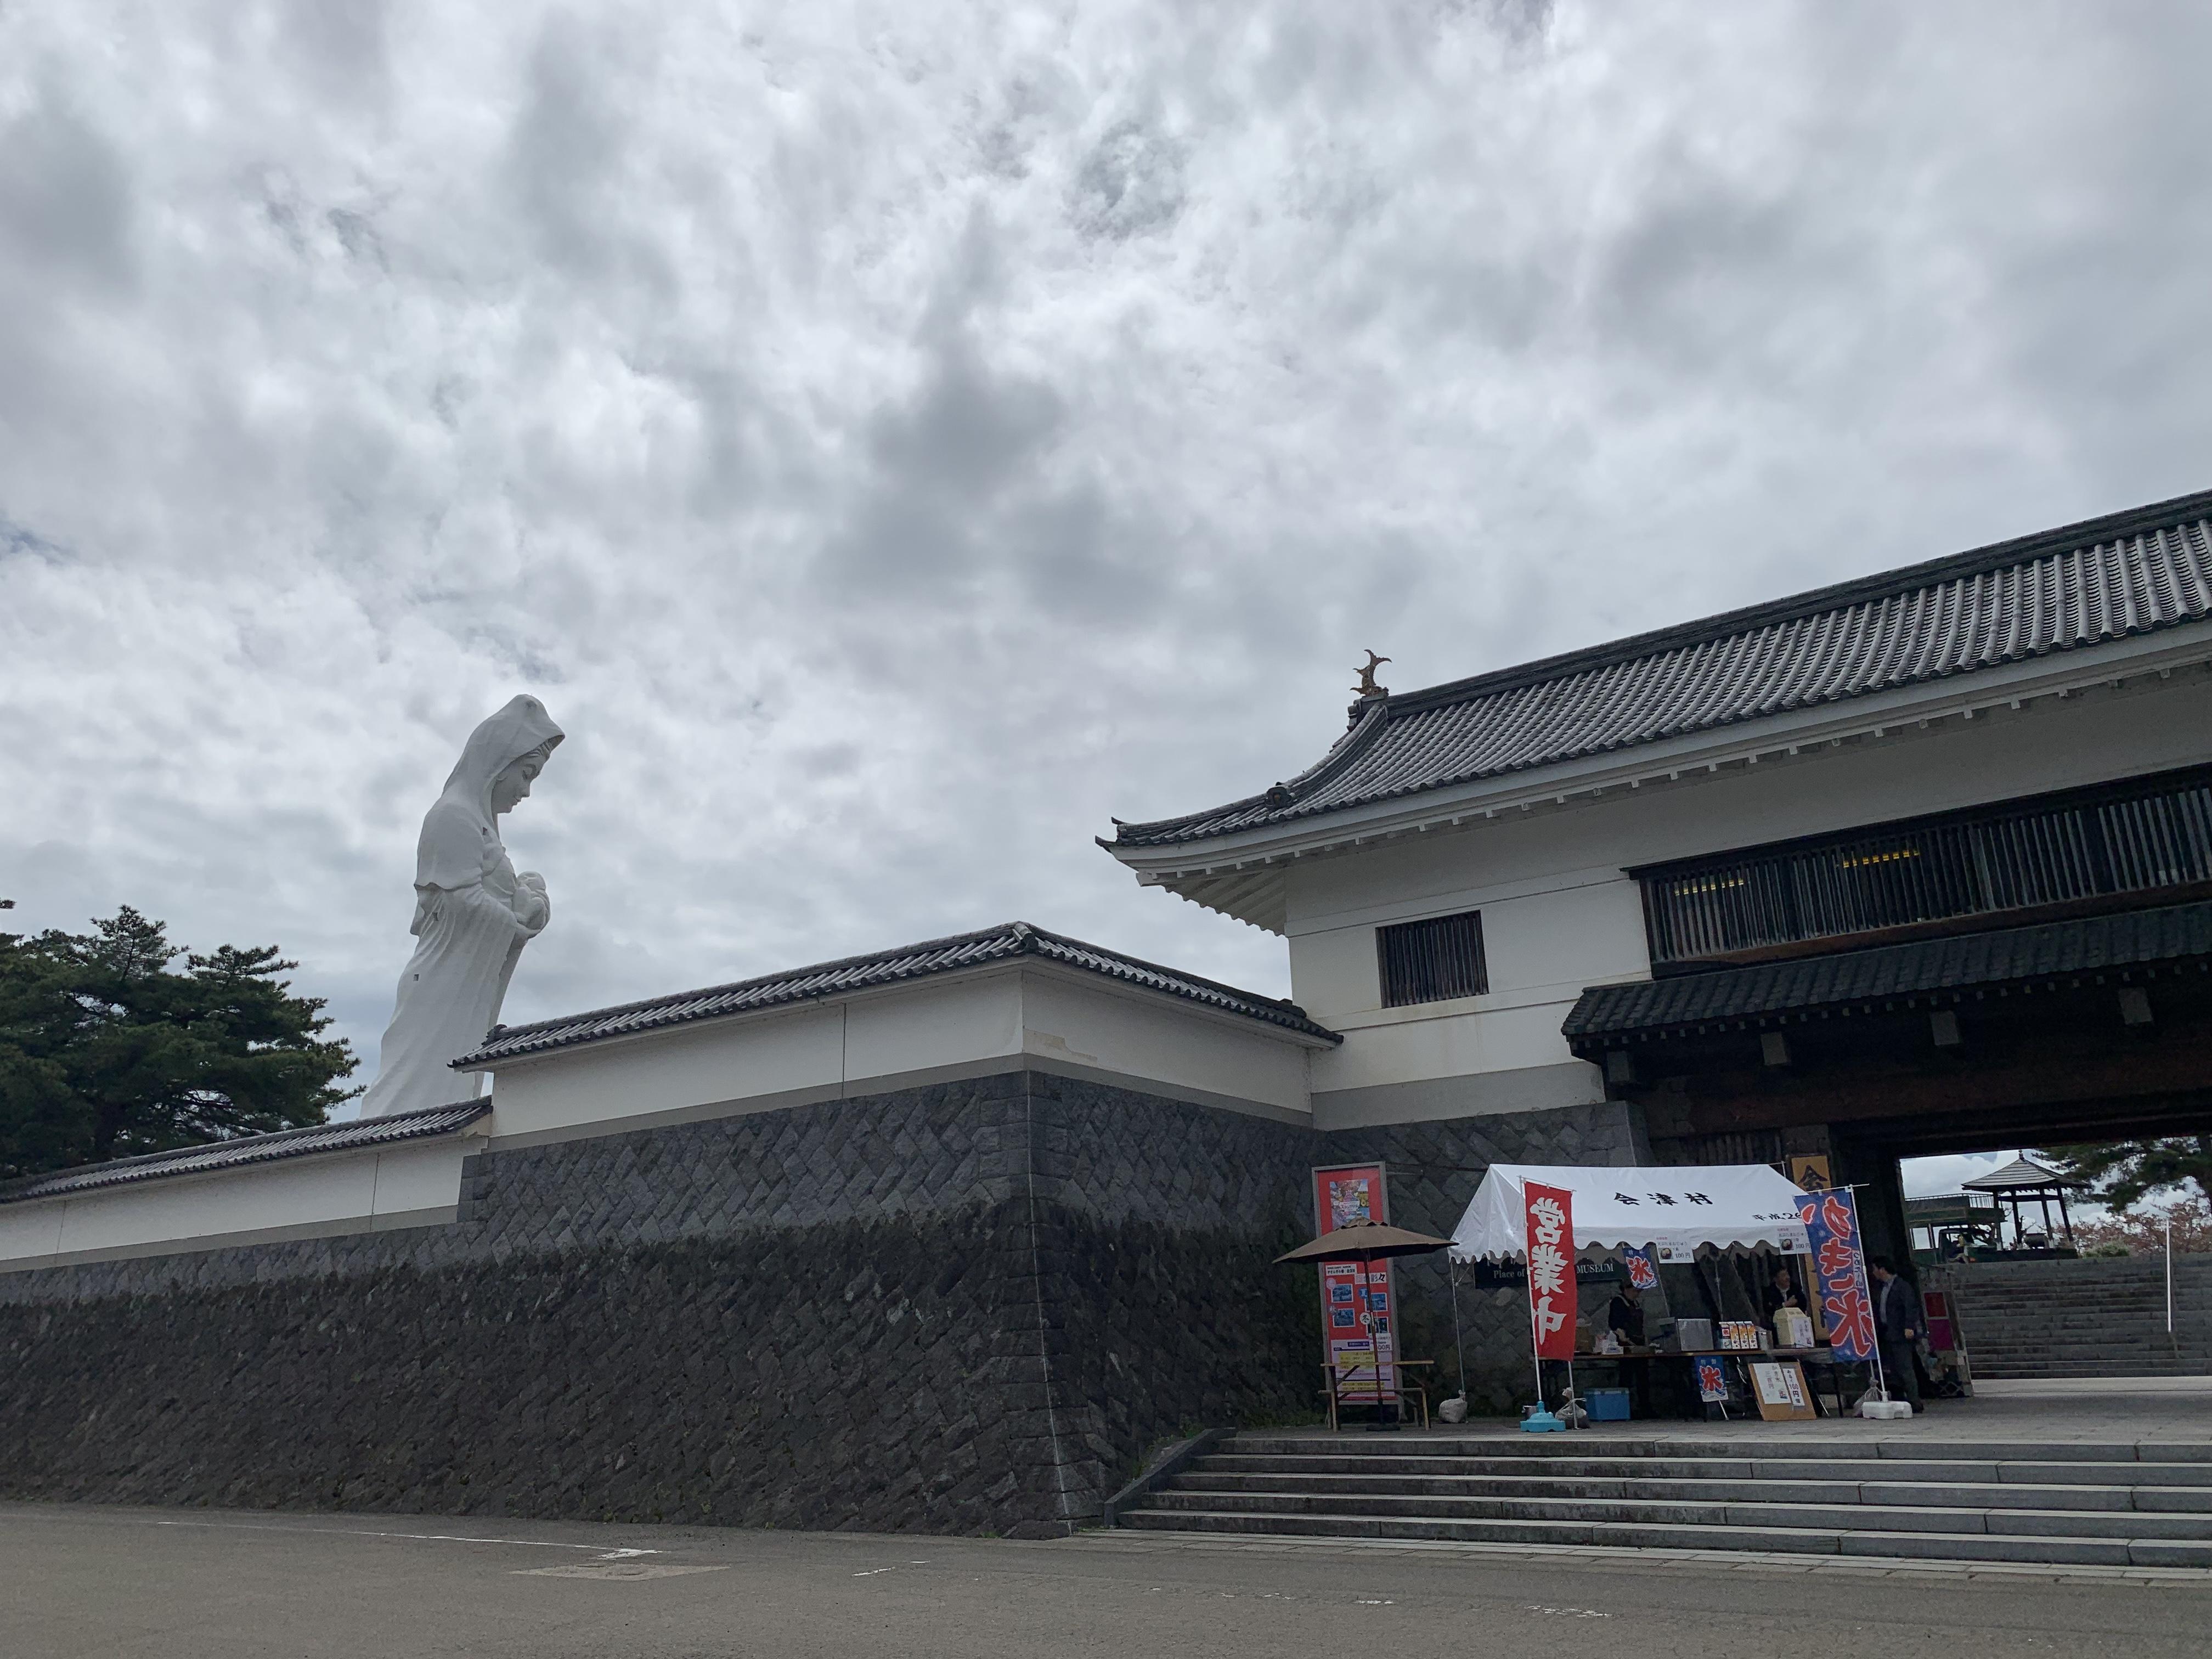 会津慈母大観音[若松市]